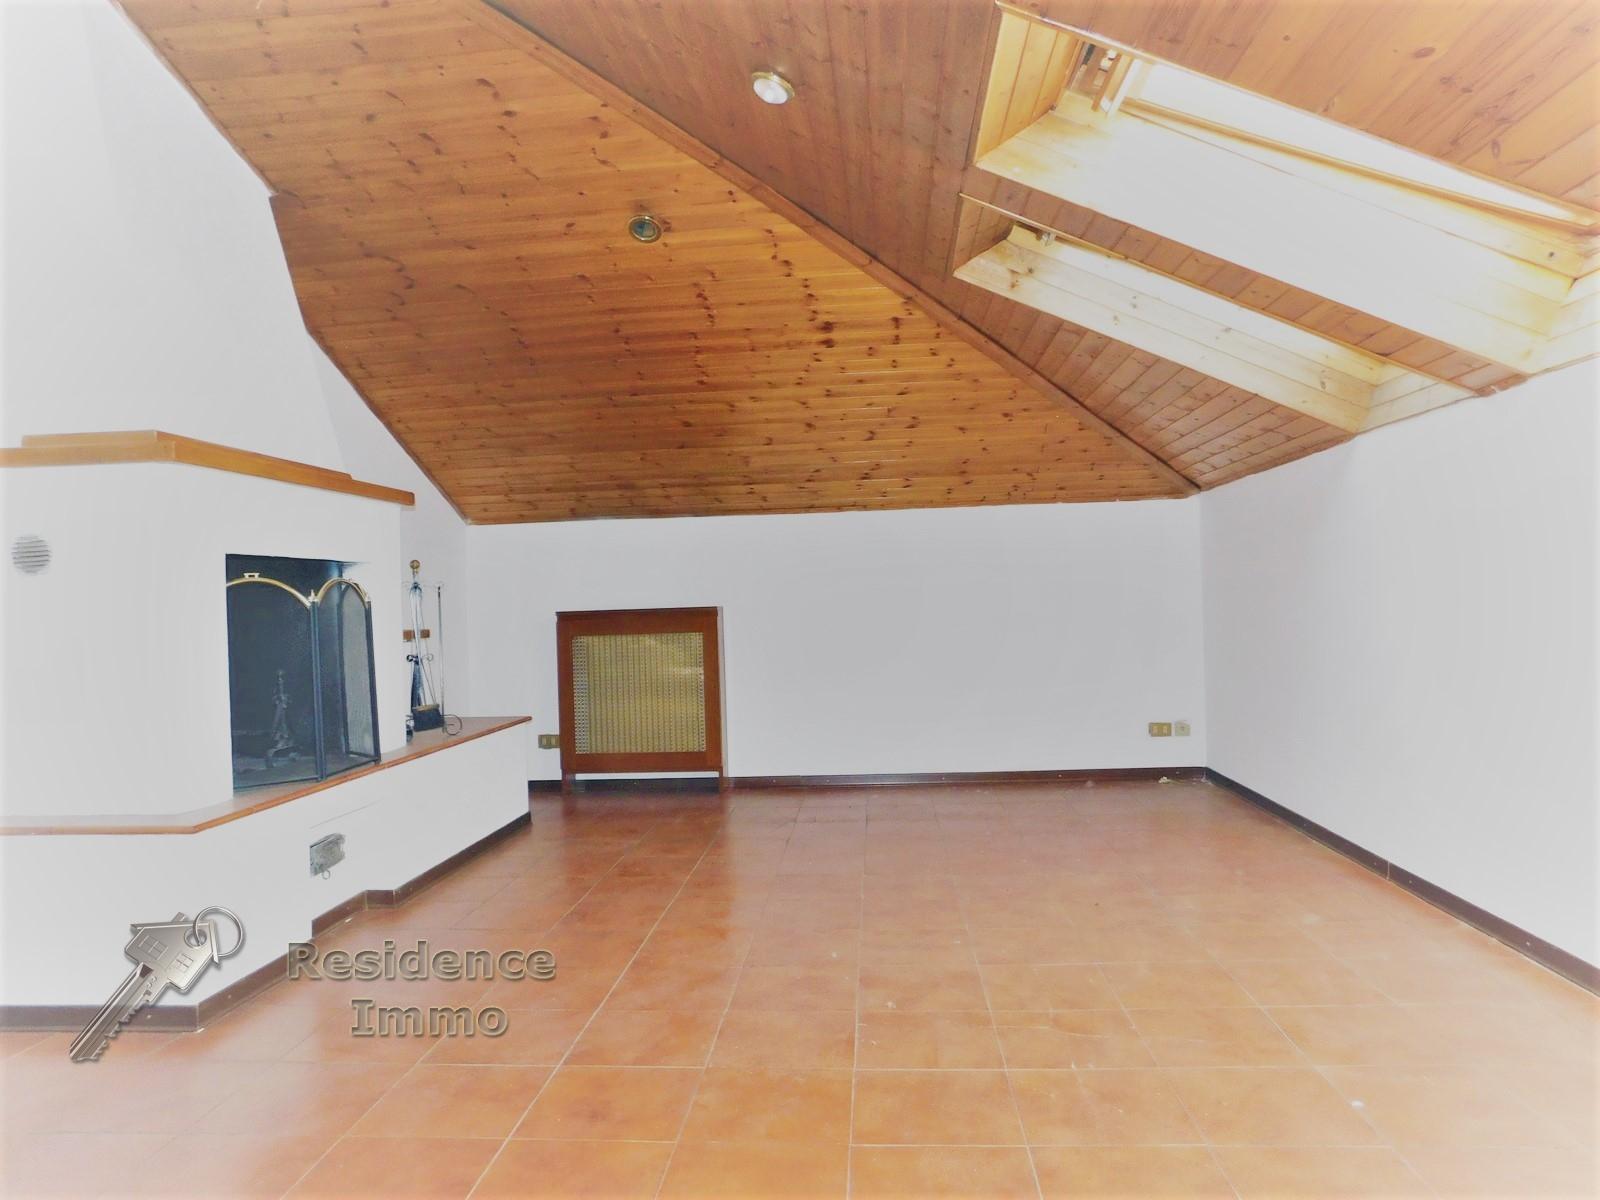 Attico / Mansarda in vendita a Bolzano, 5 locali, zona Zona: Residenziale, prezzo € 375.000 | CambioCasa.it